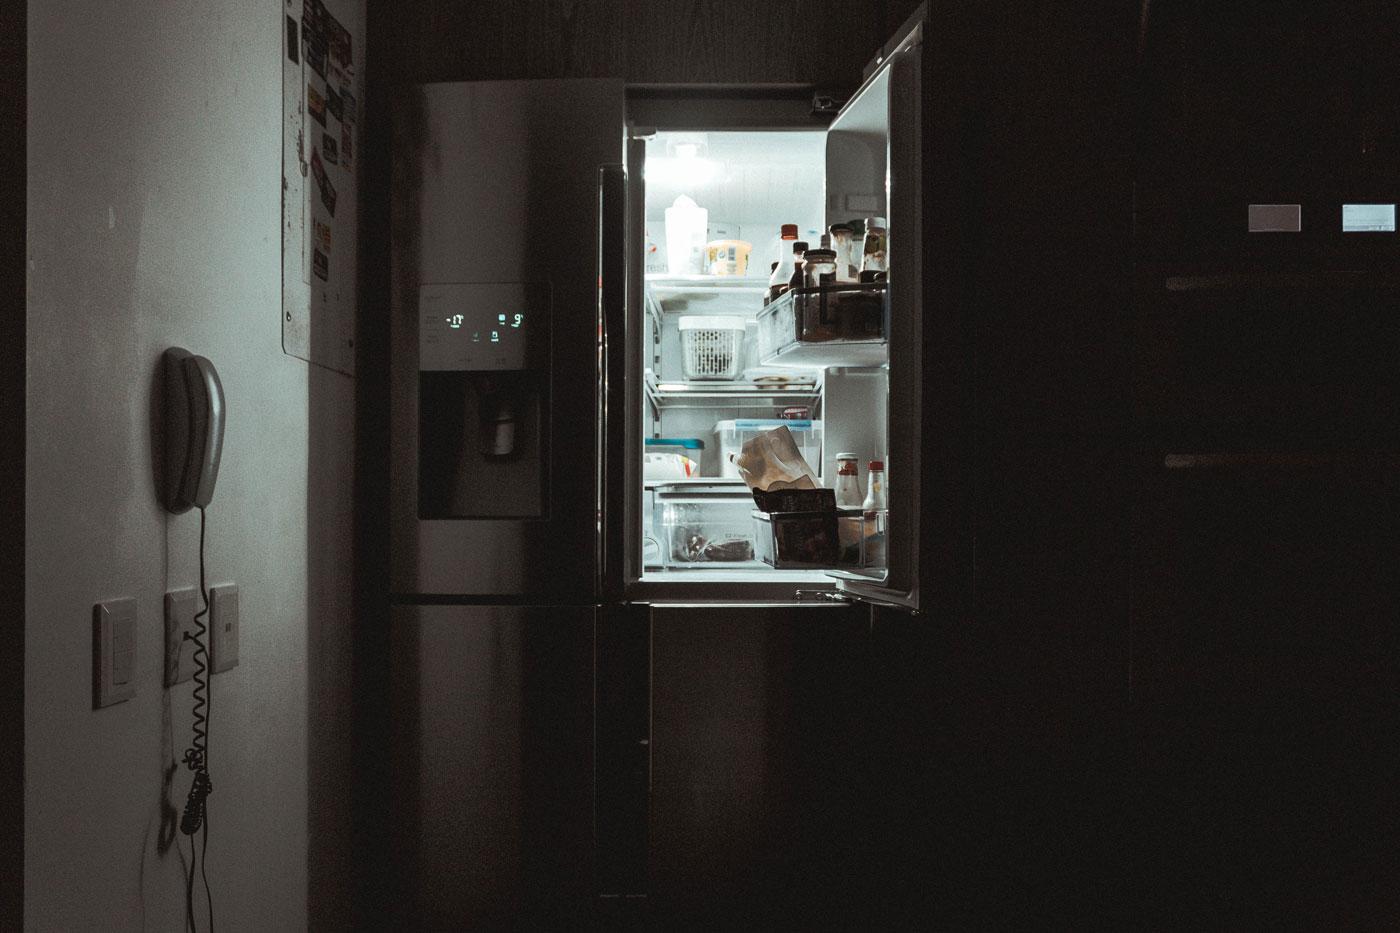 Нові технології в холодильниках